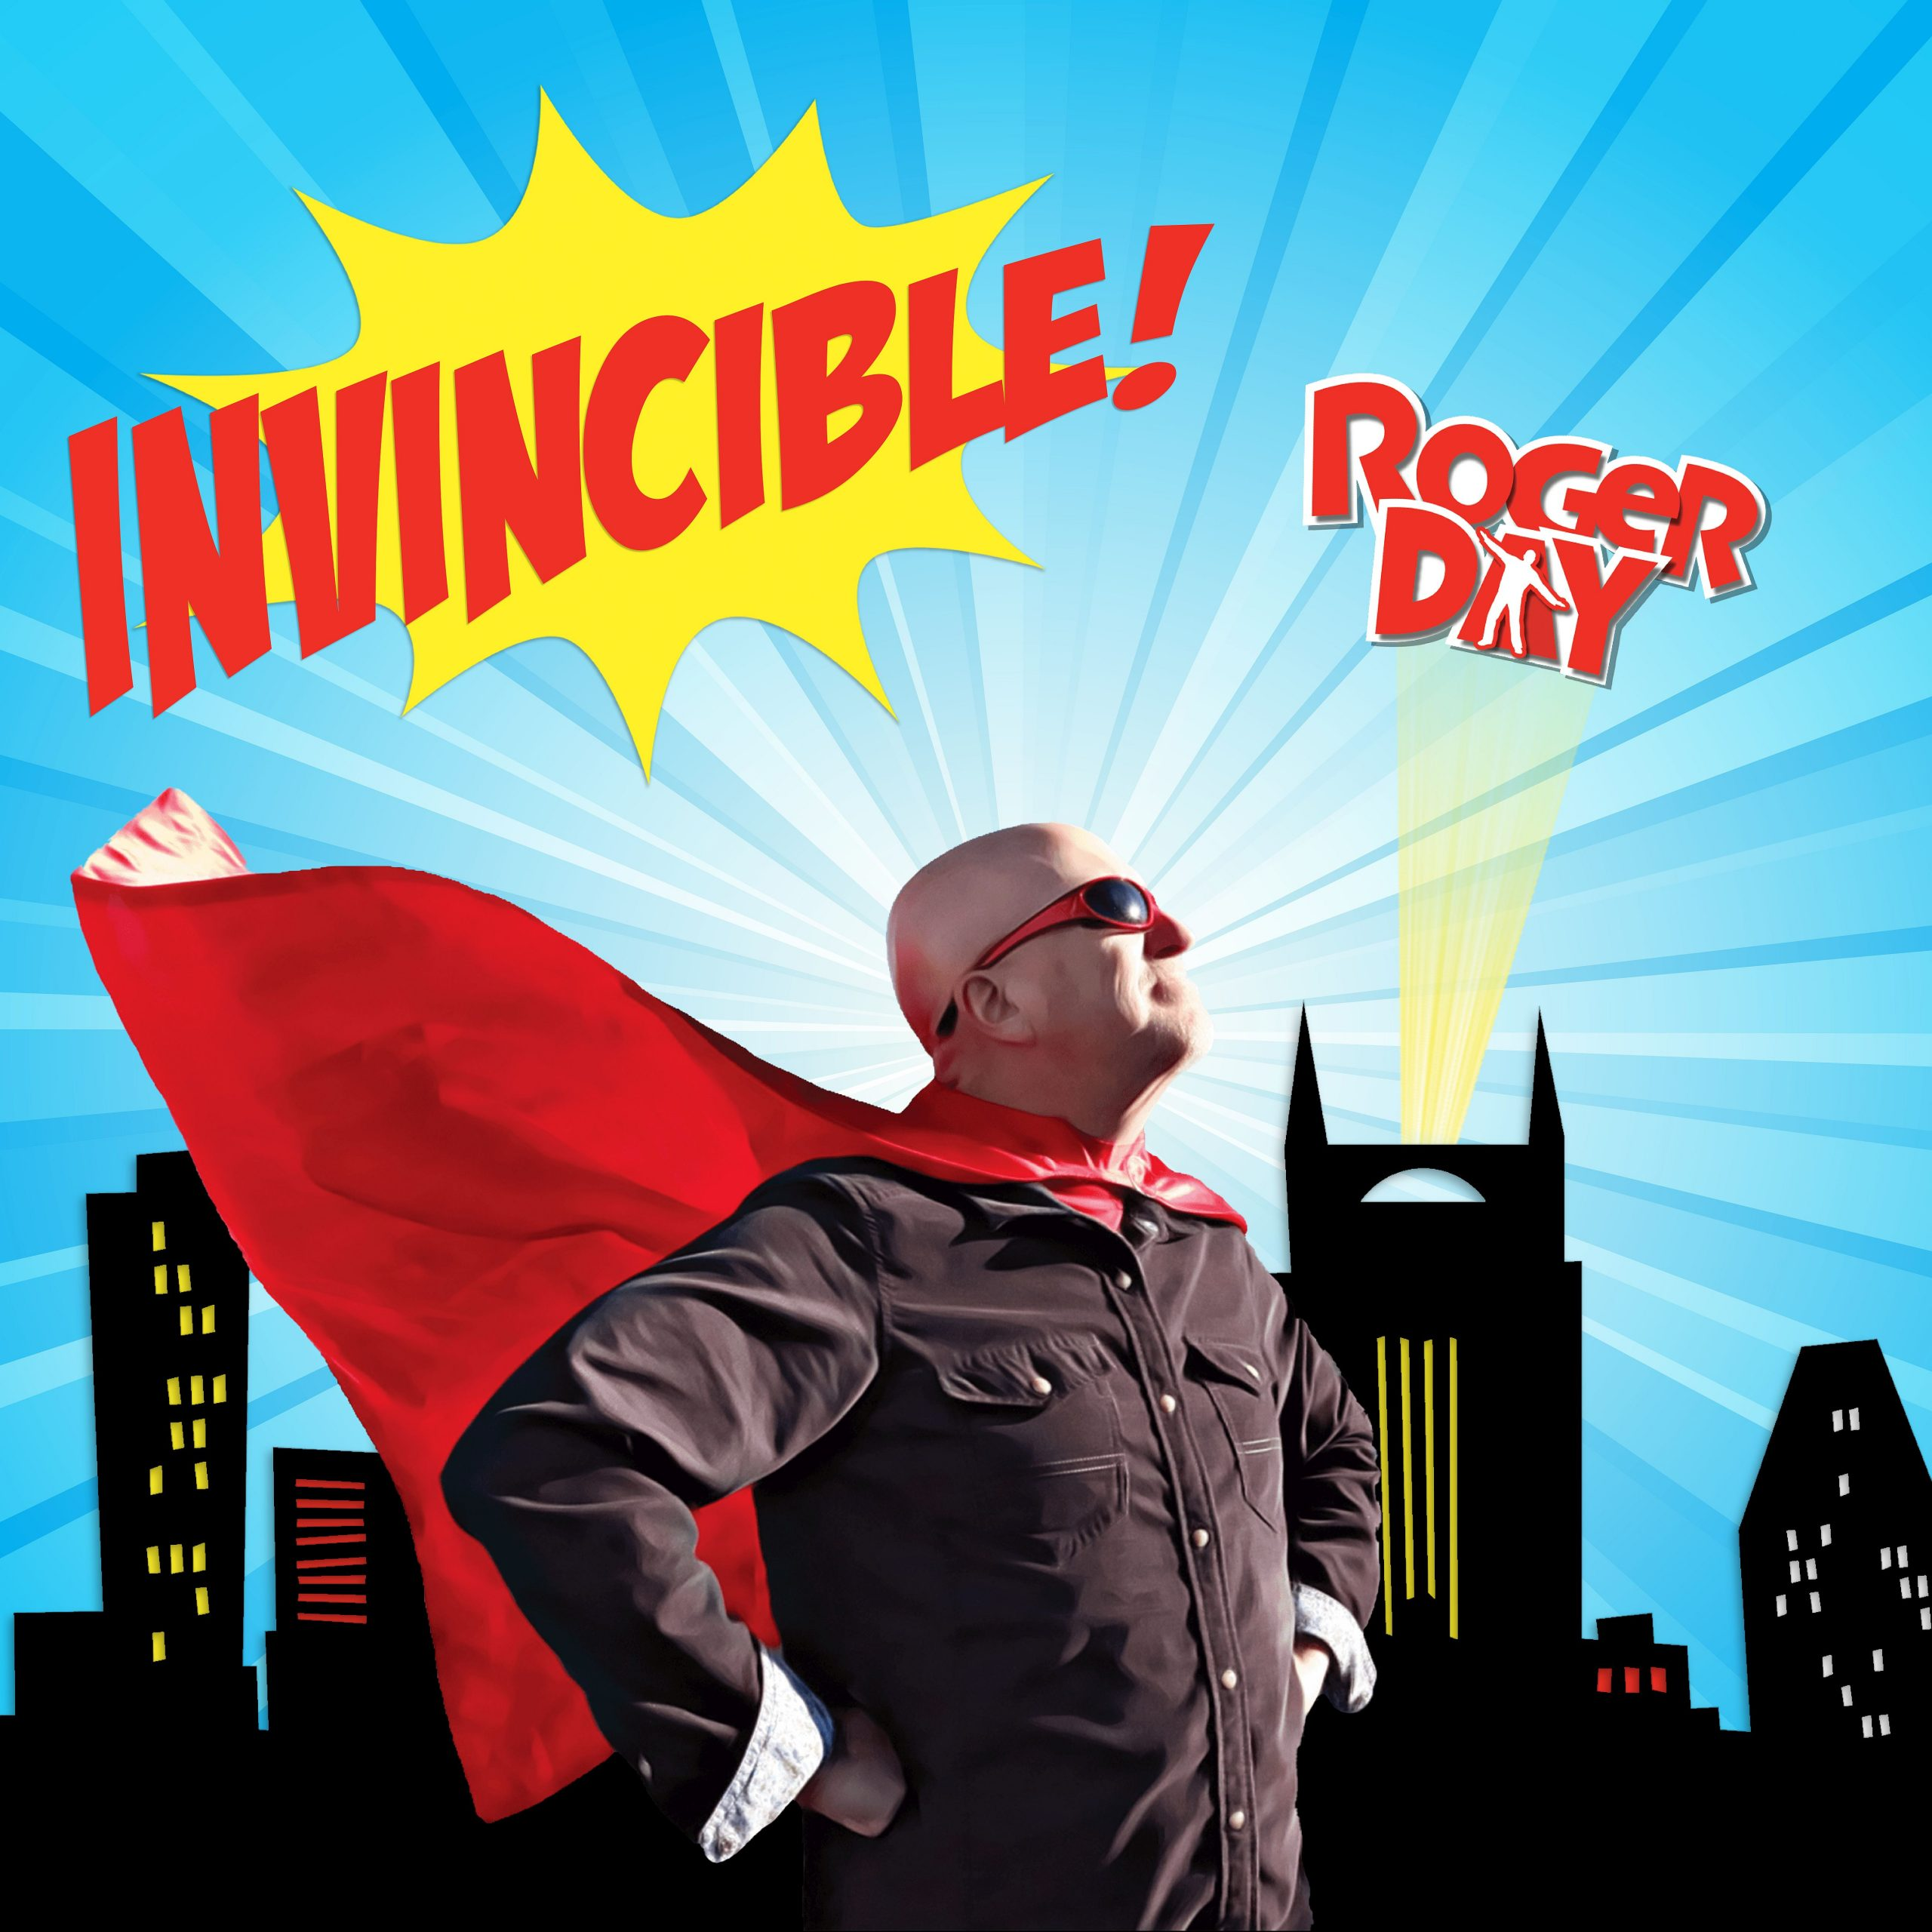 Invincible!